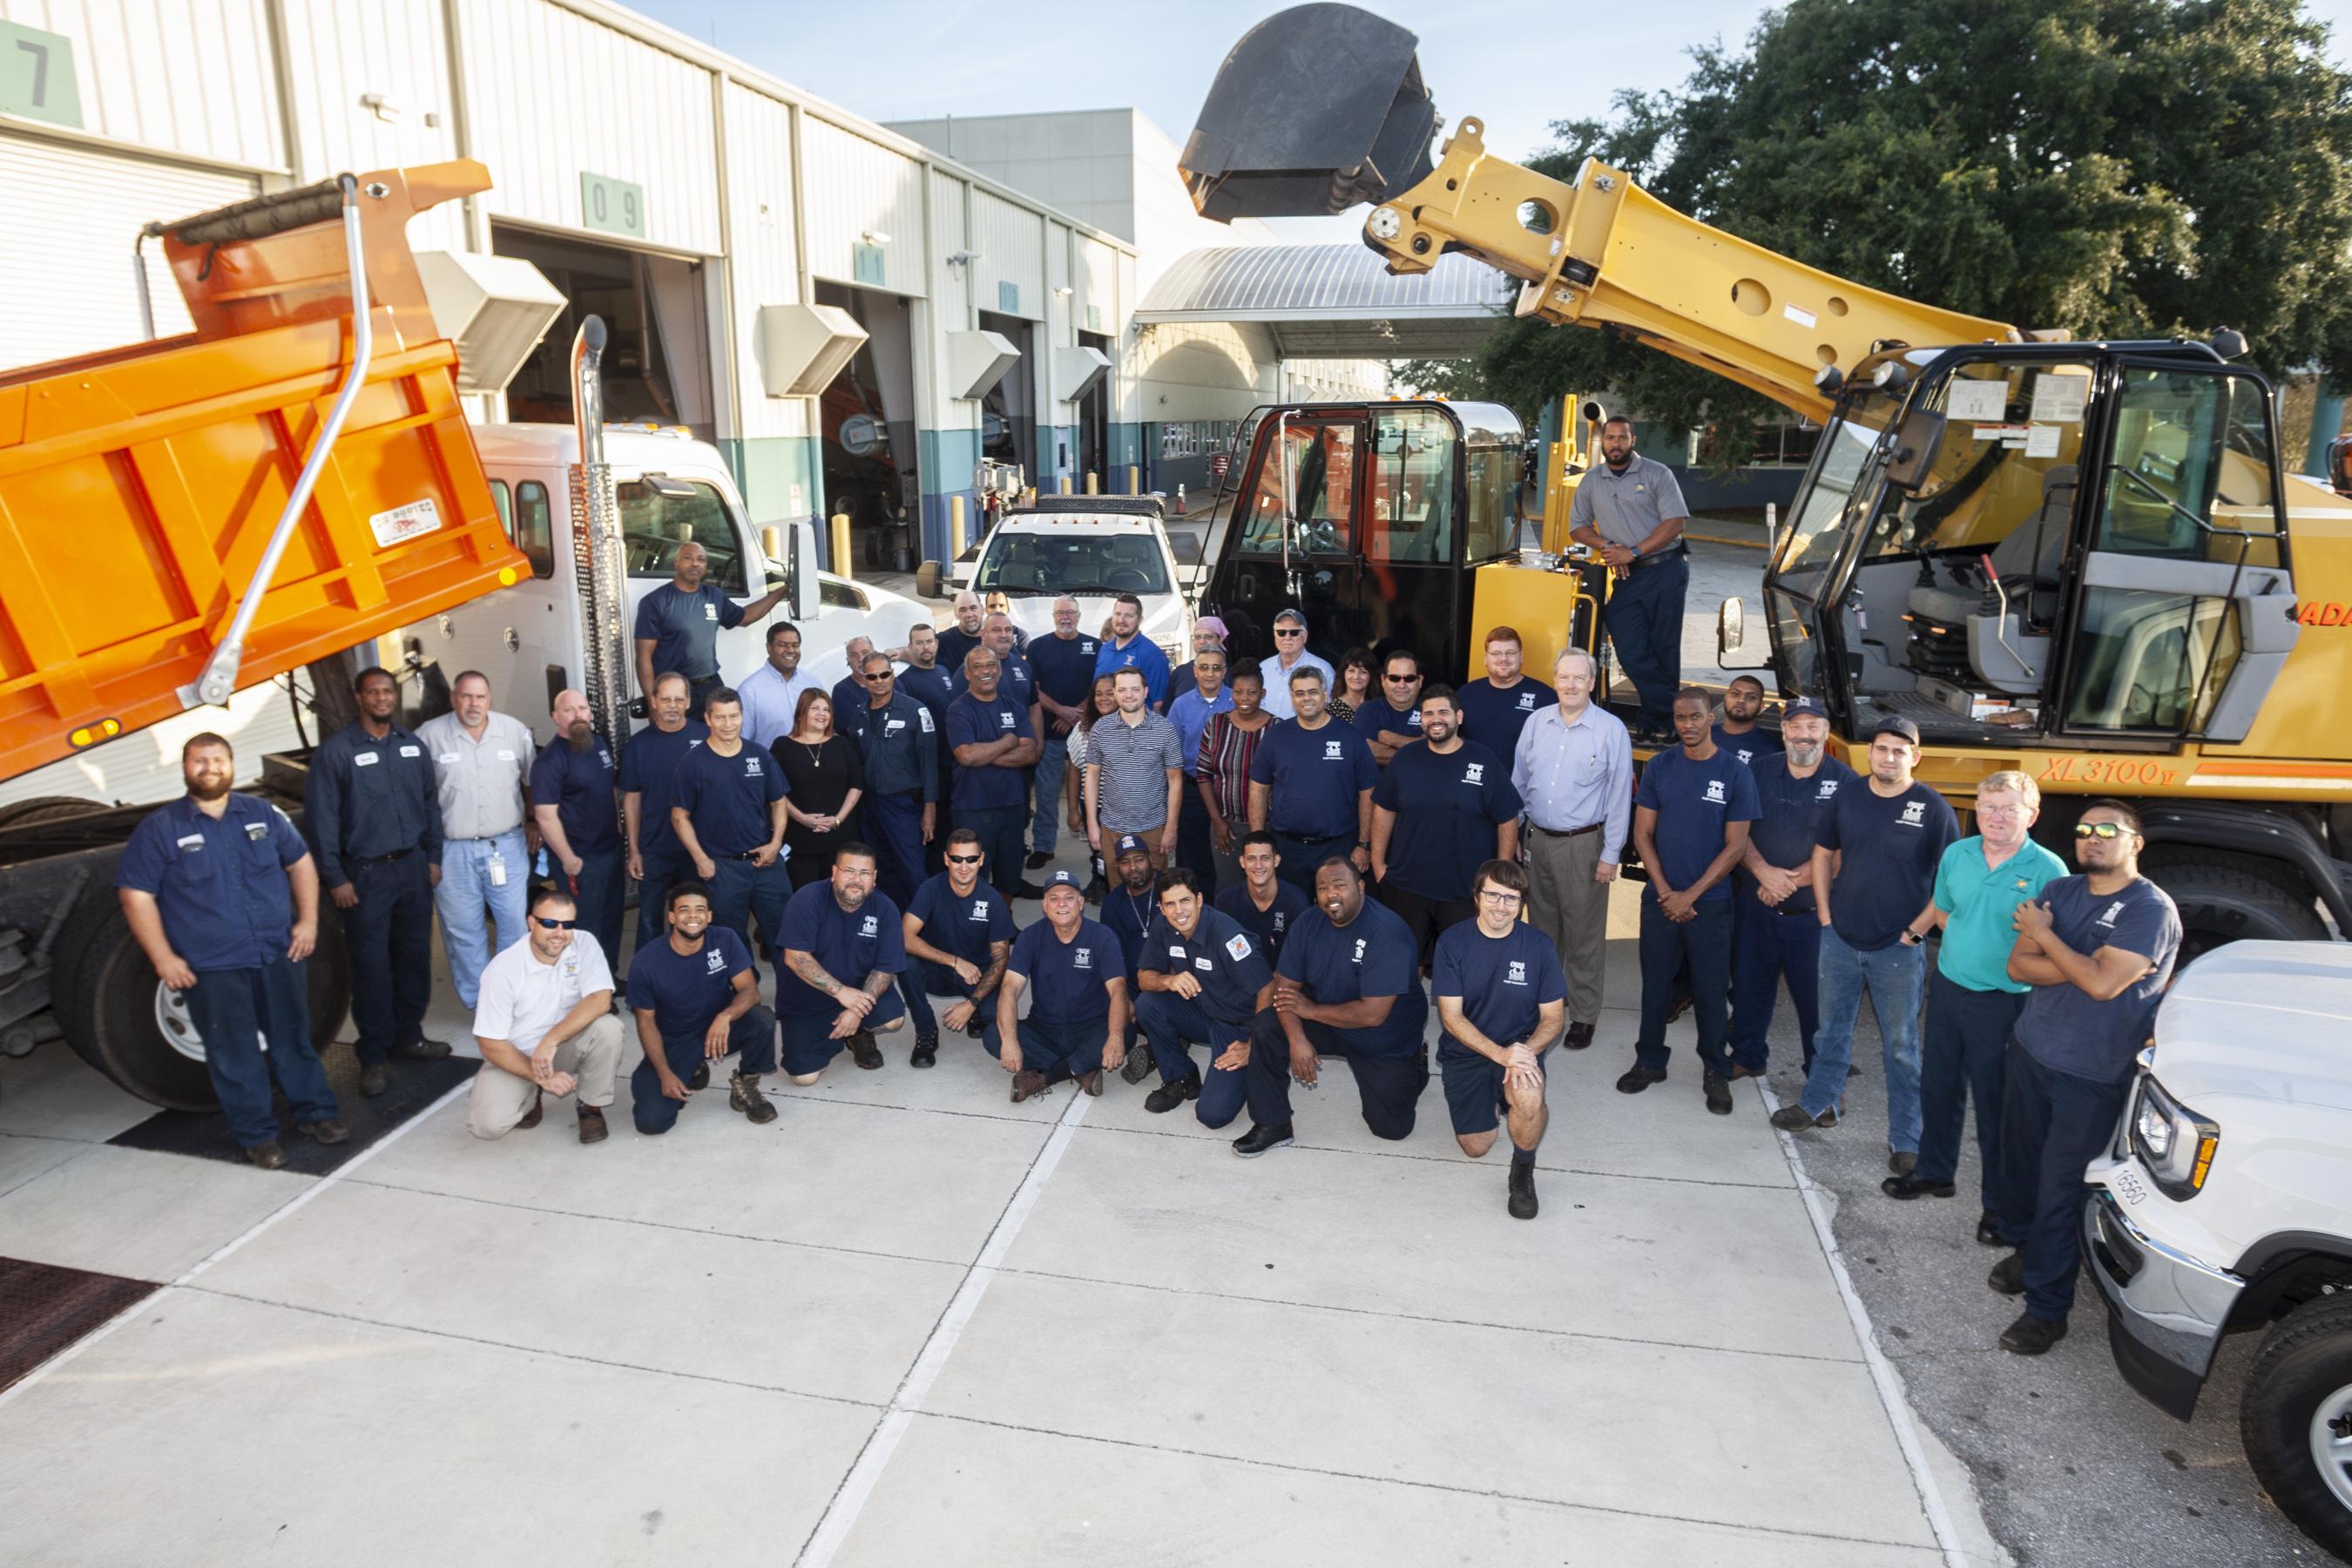 Foto grupal de los hombres y muejres que conforman el equipo del Manejo de Flotas. Posan entre varios vehículos, incluidos camiones